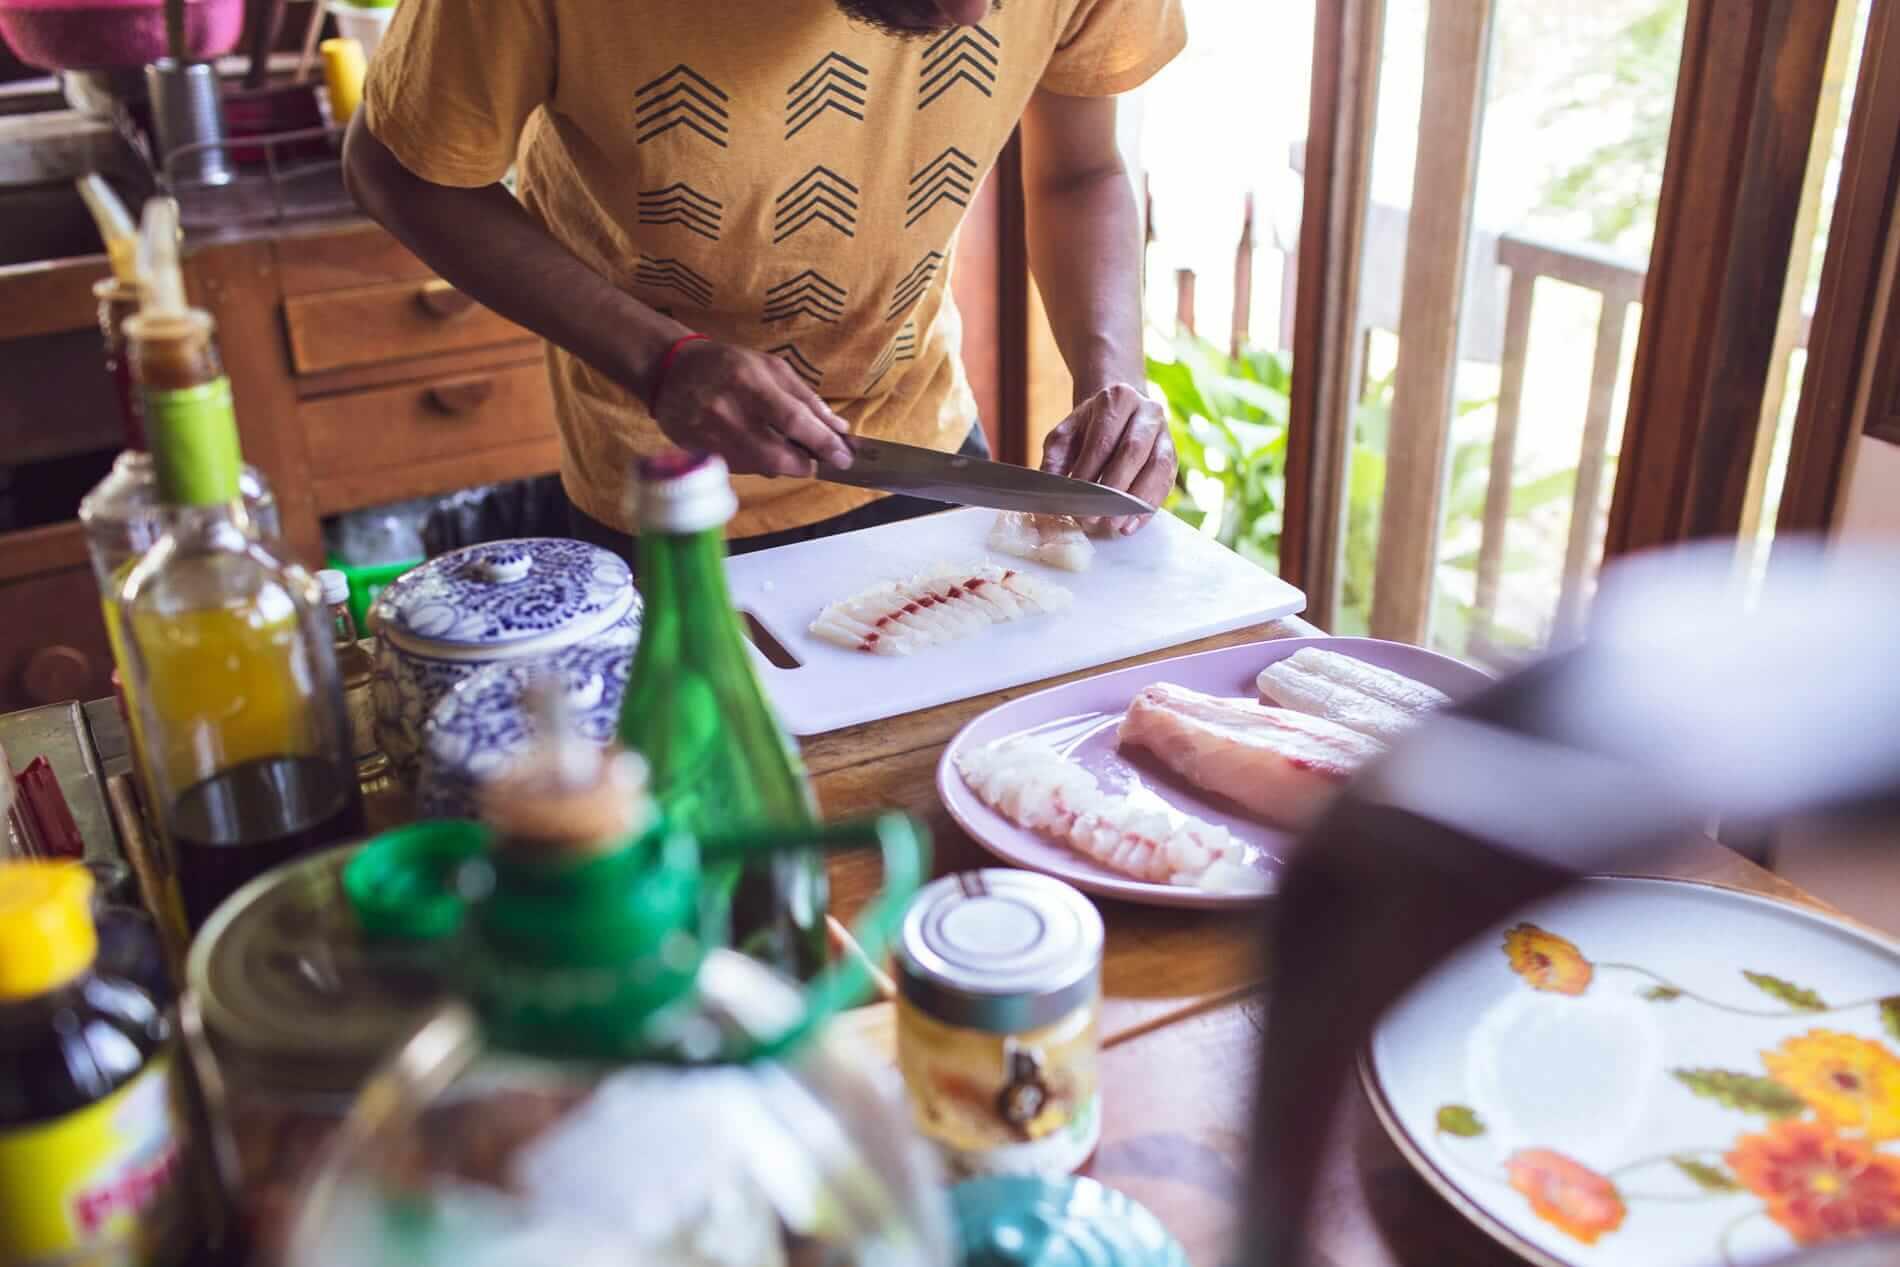 Preparing ceviche